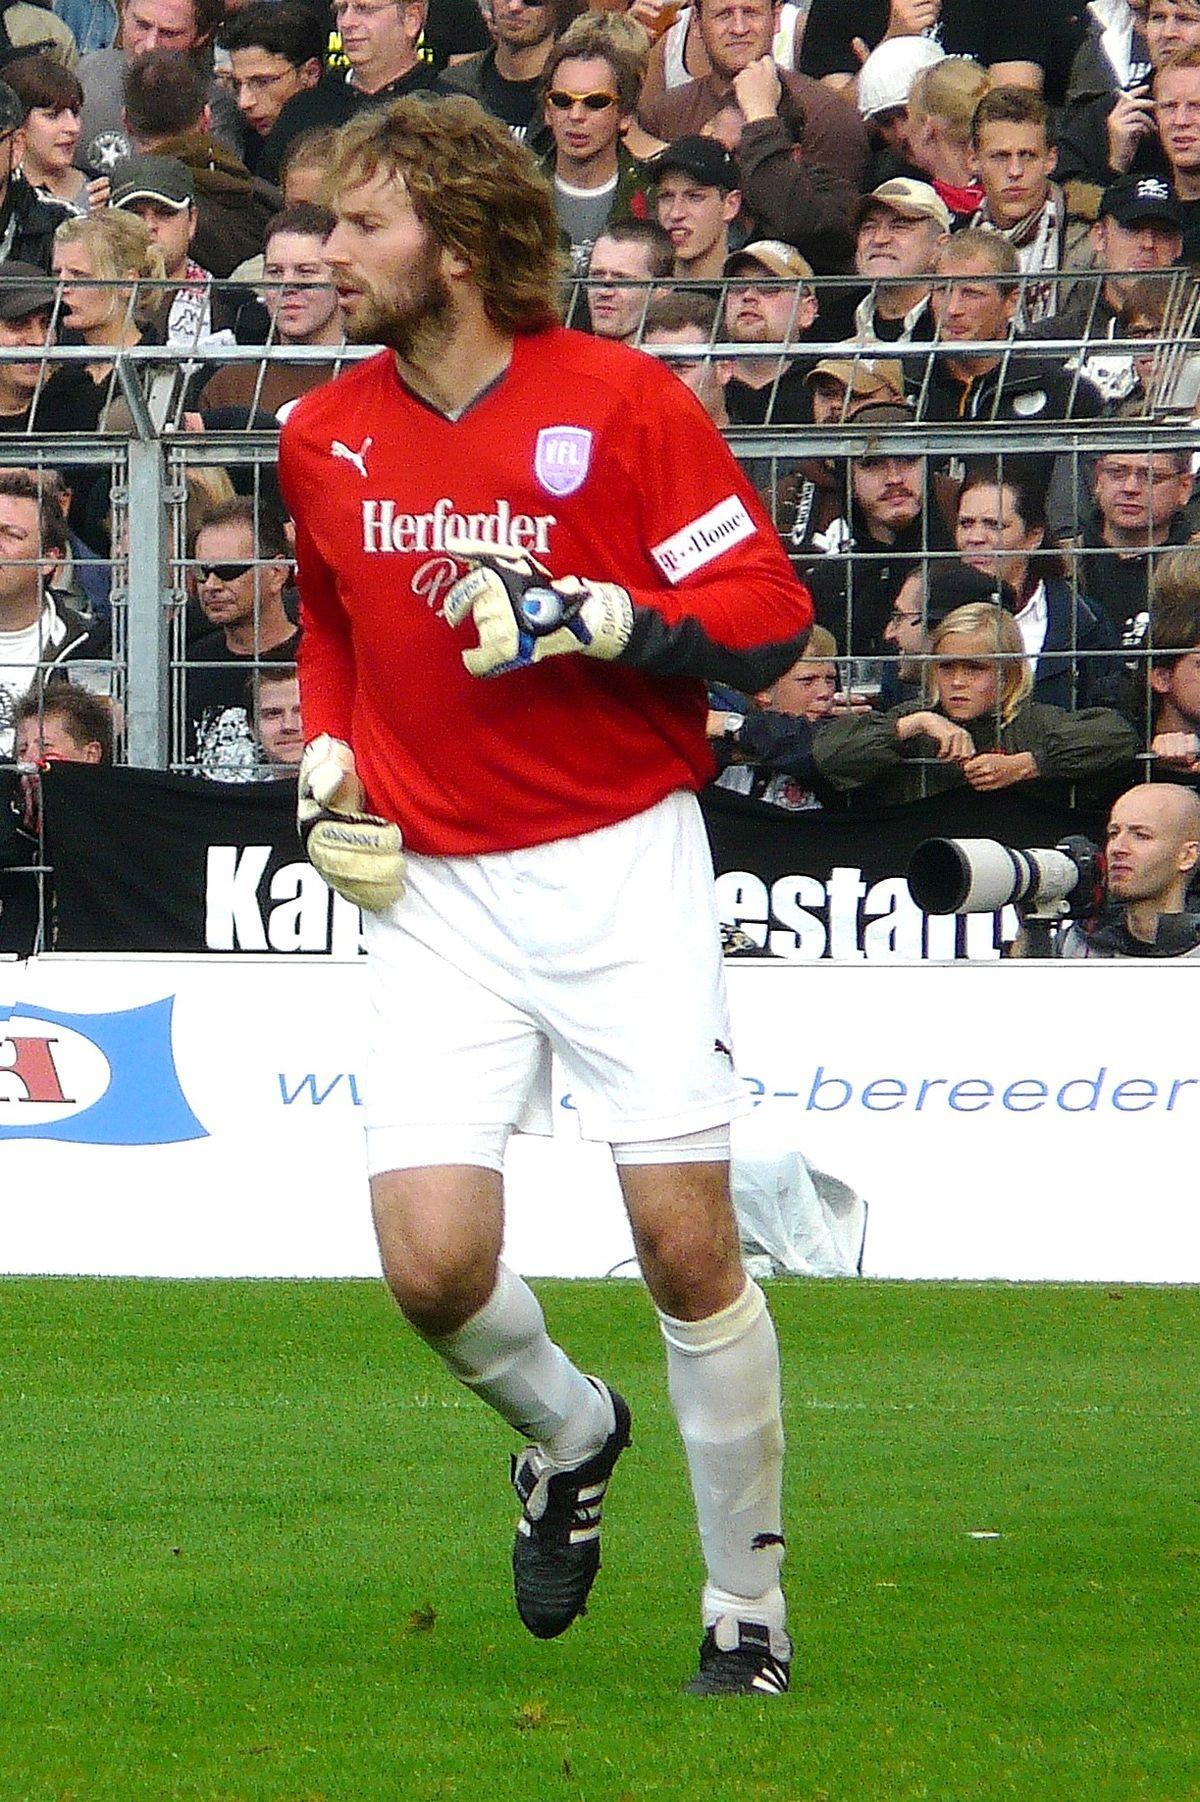 Bk Osnabrück